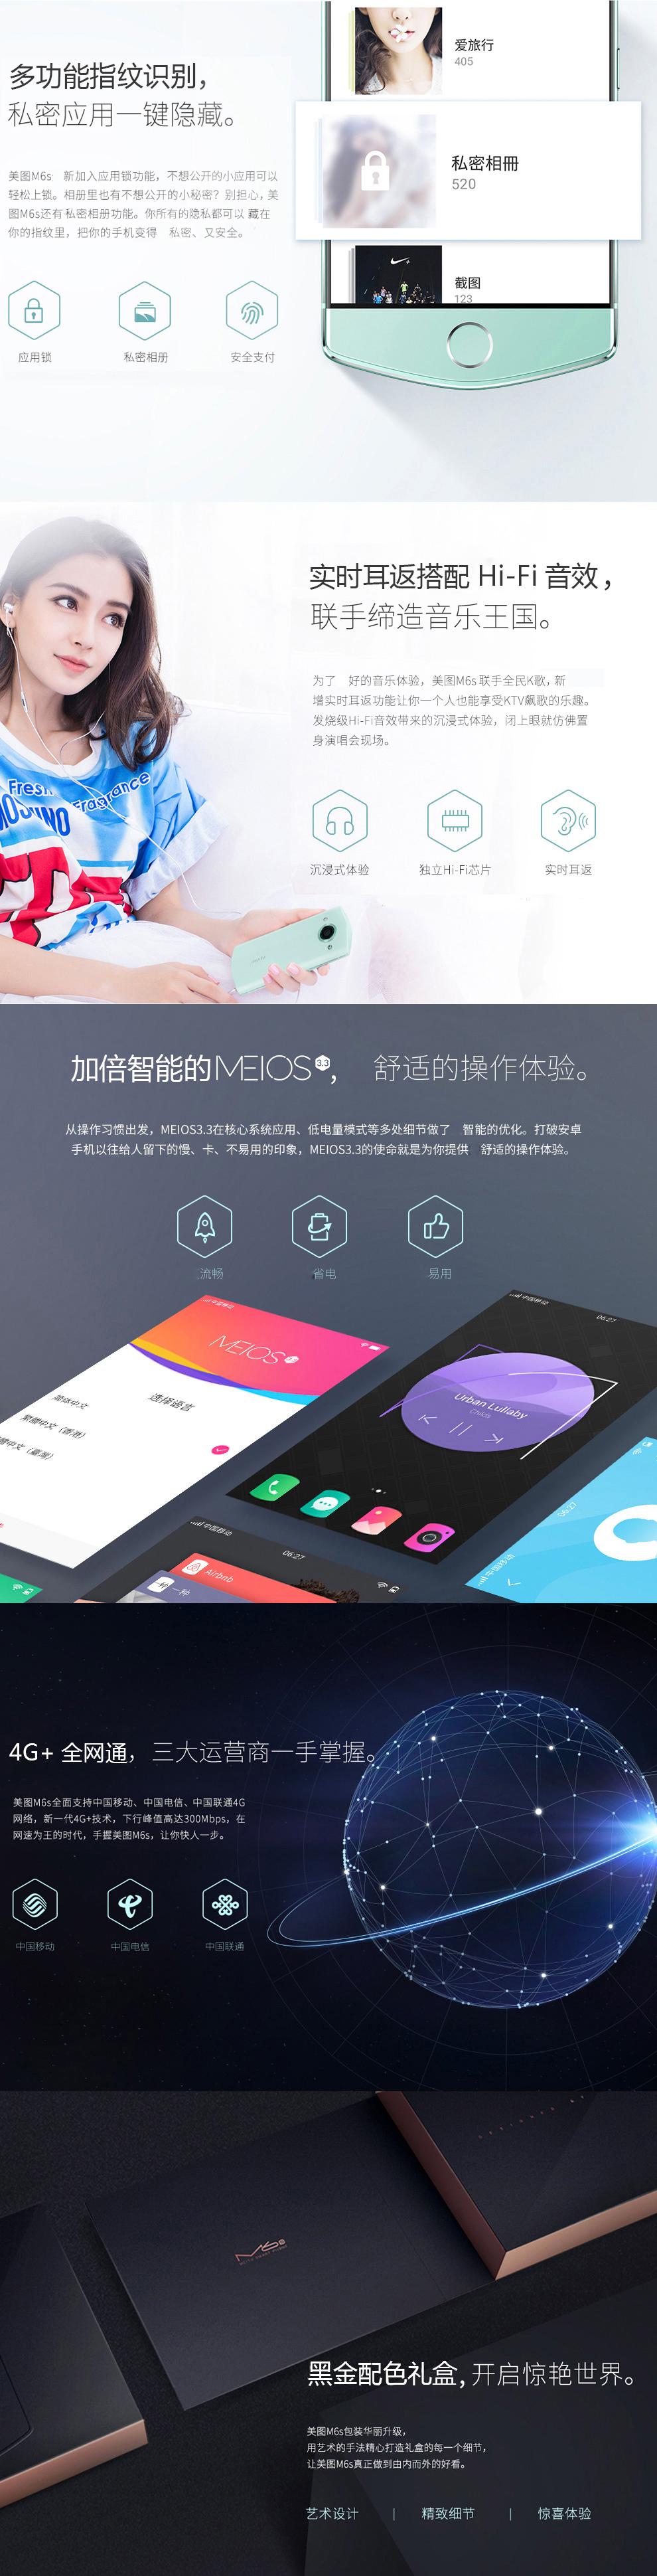 多功能指纹识别,私密应用一键隐藏。 美图M6s新加入应用锁功能,不想公开的小应用可以轻松上锁。相册里也有不想公开的小秘密?别担心,美图M6s还有私密相册功能。让你的隐私都可以藏在你的指纹里,把你的手机变得私密,有安全。实时耳返搭配Hi-Fi音效,联手缔造音乐王国。为了好的音乐体验,美图M6s联手全民K歌,新增实时耳返功能让你一个人夜能享受KTV飙歌的乐趣,为发烧级Hi-Fi音效带来的沉浸式体验,闭上眼就仿佛置身演唱会现场加倍智能的MEIOS,舒适的操作体验,从操作习惯出发,MEIOS3.3 在核心系统应用,低电量模式等多处理细节做了智能的优化,打破安卓手机以往给人留下的慢,卡,不易用的印象,MEIOS3.3的使命就是为了给你提供舒适的操作体验。4G+全网通,三大运营商一手掌握,美图M6s全网支持中国移动,中国电信,中国联通4G网络,新一代4G+技术,下行峰值高达300Mbps,在网速为王的时代,手握美图M6s,让你快人一步,黑金配色礼盒,开启惊艳世界。美图M6s包装华丽升级,用艺术的手法精心打造礼盒的每一个细节,让美图M6s真正做到由内而外的好看。艺术设计  精致细节 惊喜体验。